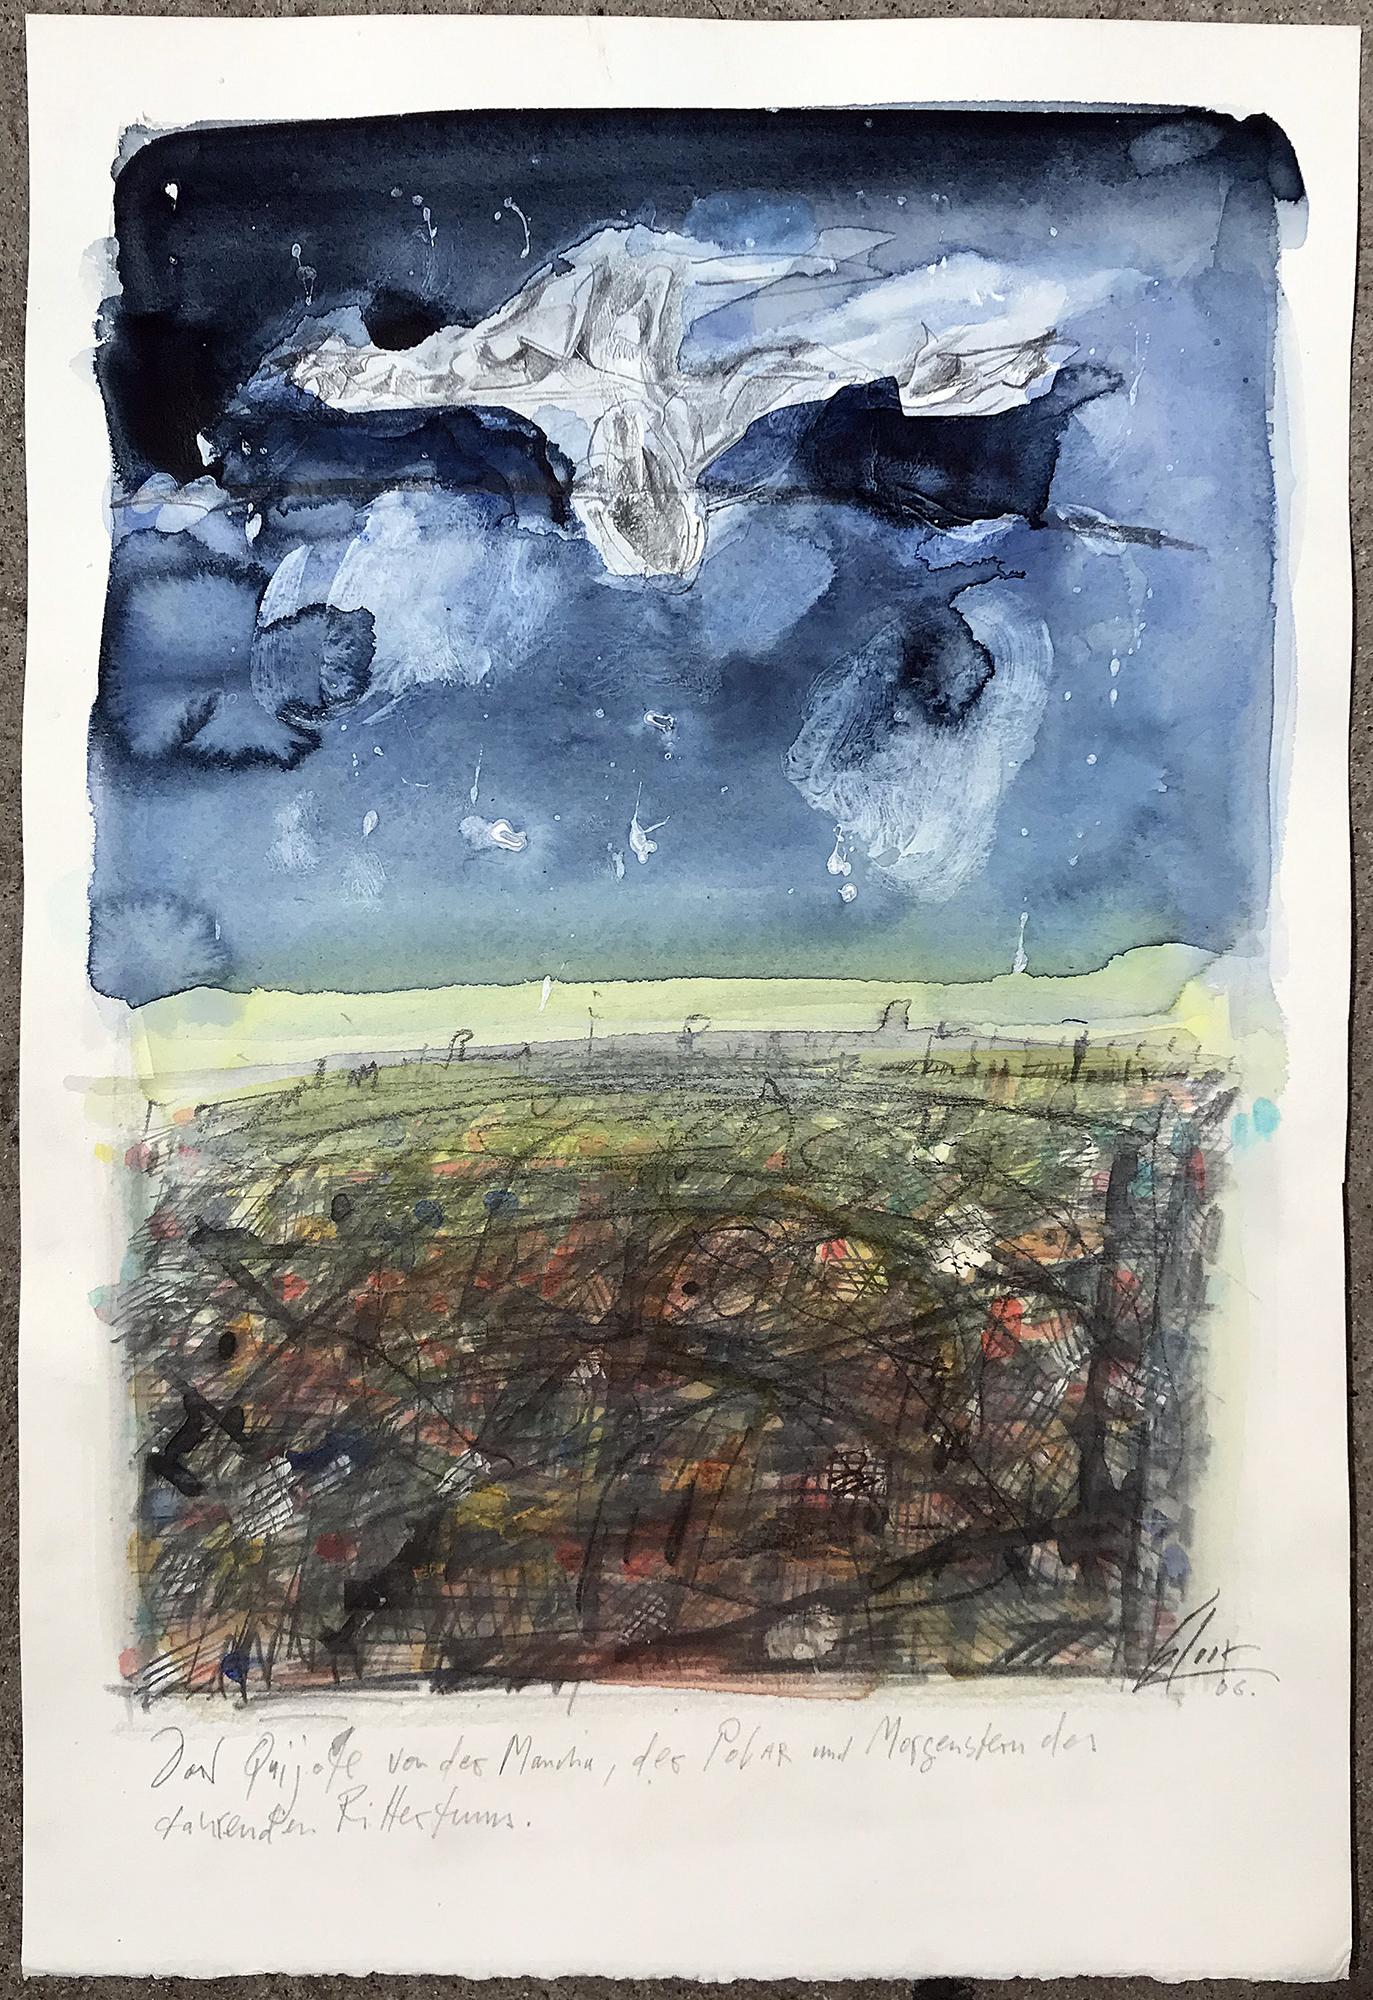 Don Quichot, von der Mancha, 2006, Mischtechnik auf Büttenpapier, 25 x 36 cm, ohne Rahmen